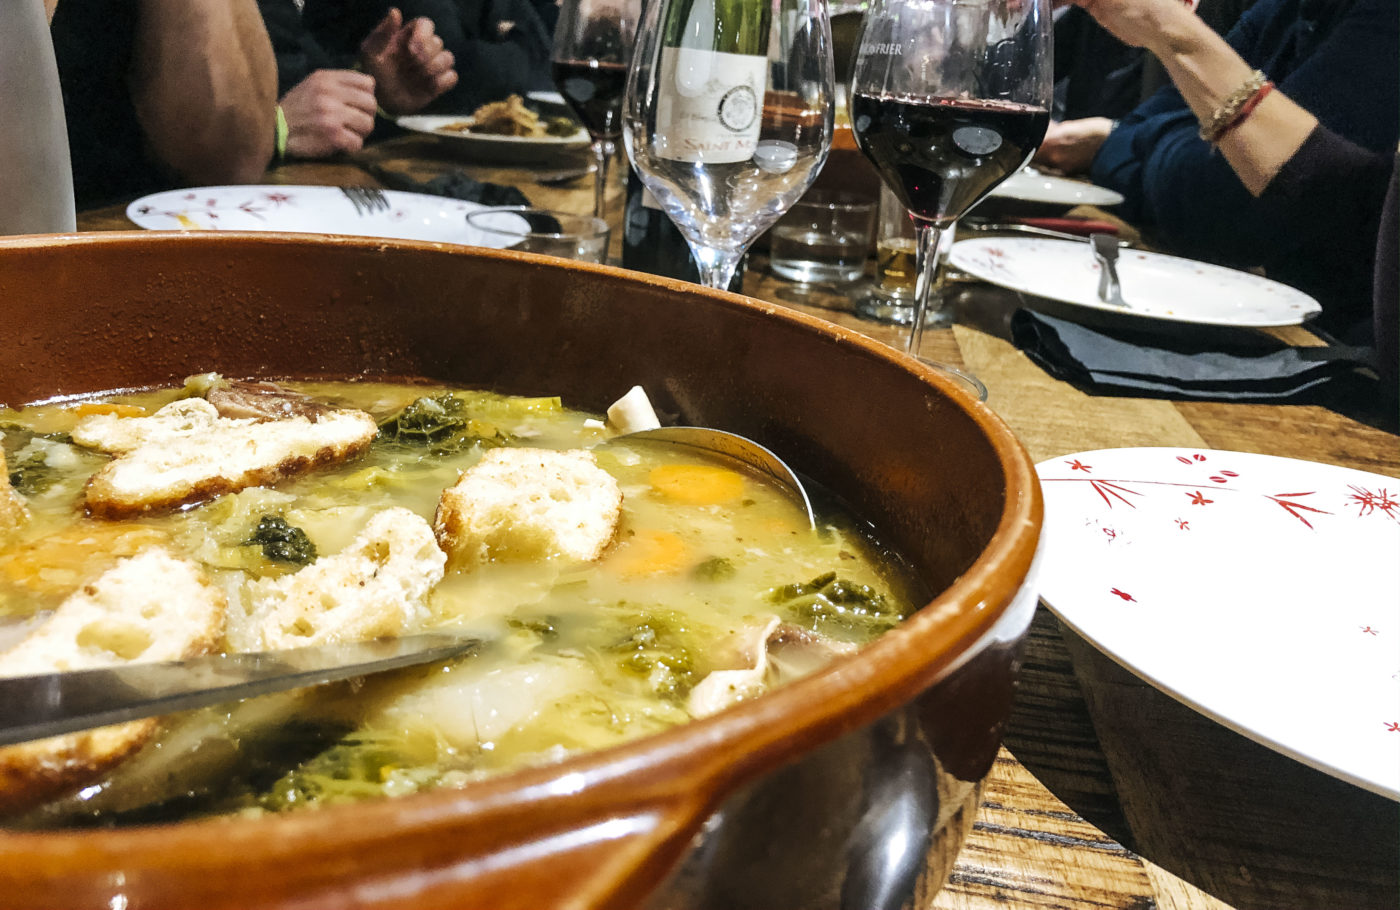 agence evenementielle receptive pays basque erronda seminaire team building incentive event la Mongie pyrénées restaurant étape du berger